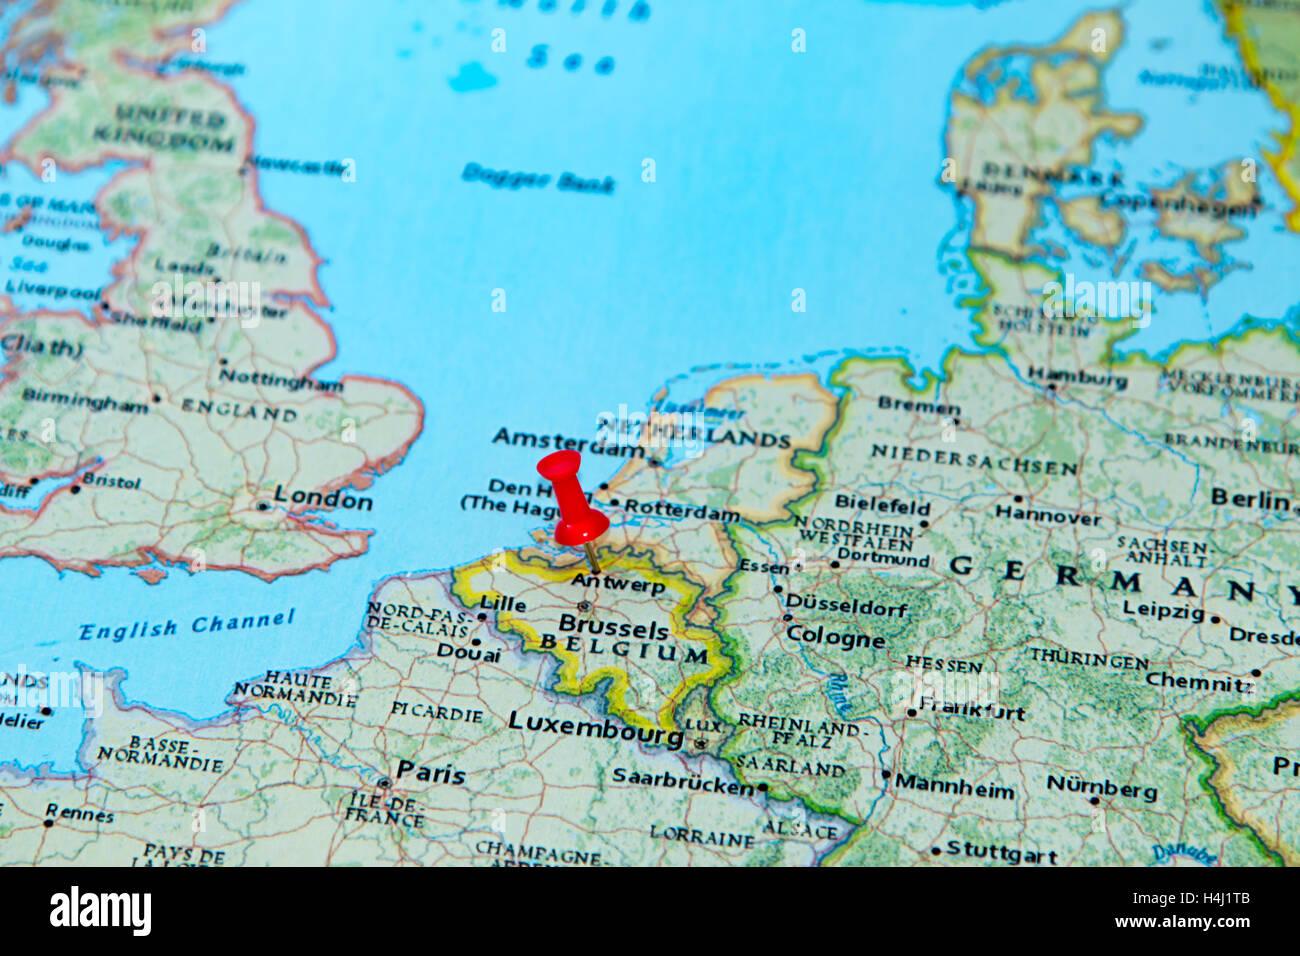 Cartina Fisica Belgio.Mappa Di Anversa Immagini E Fotos Stock Alamy